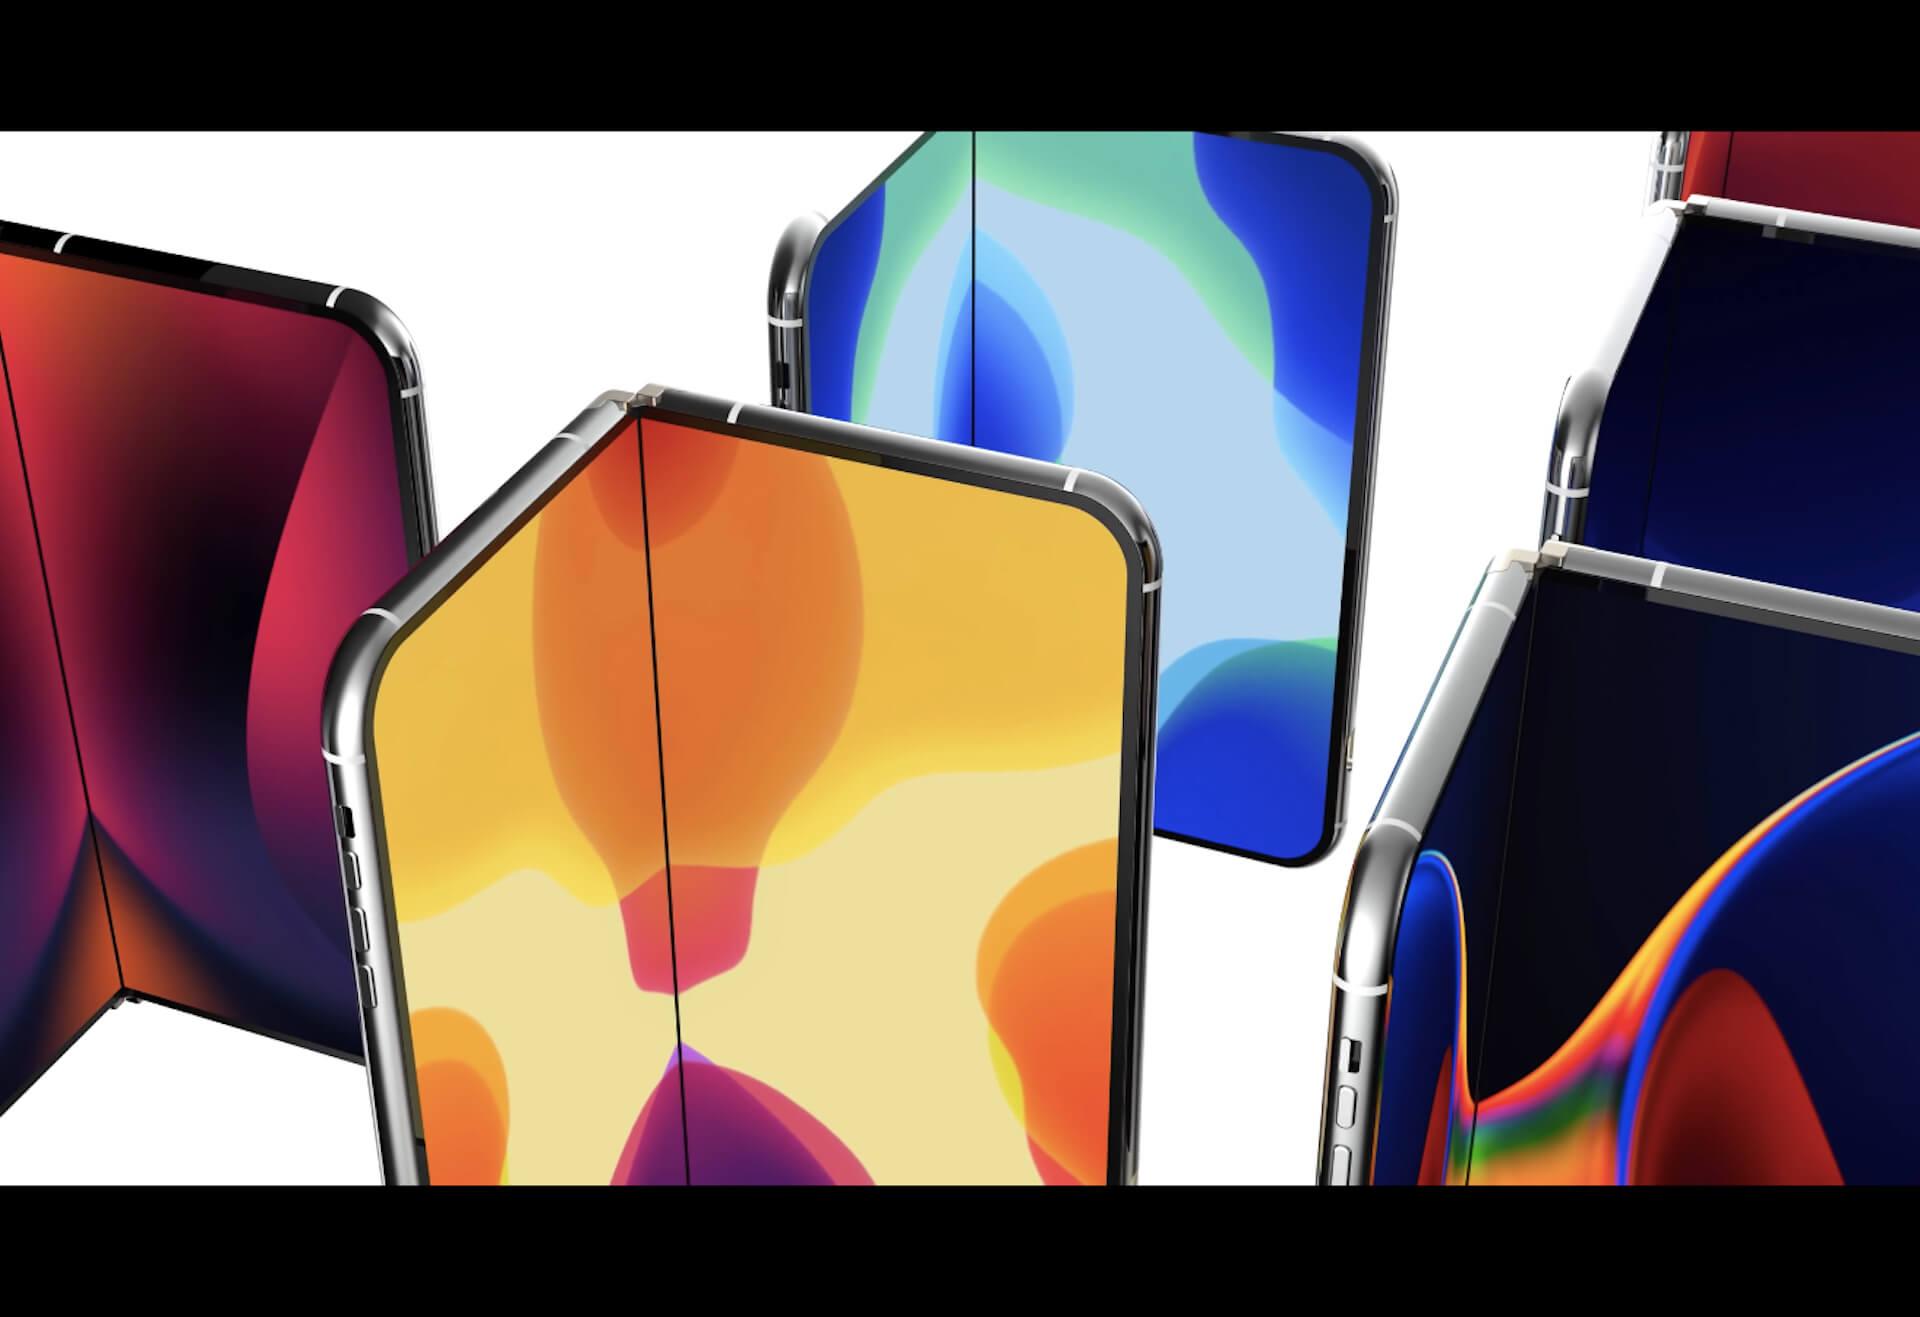 来年早くも折りたたみiPhone登場か?Apple提携の製造メーカーがサプライチェーンとして参加決定か tech200625_iphone_foldable_main